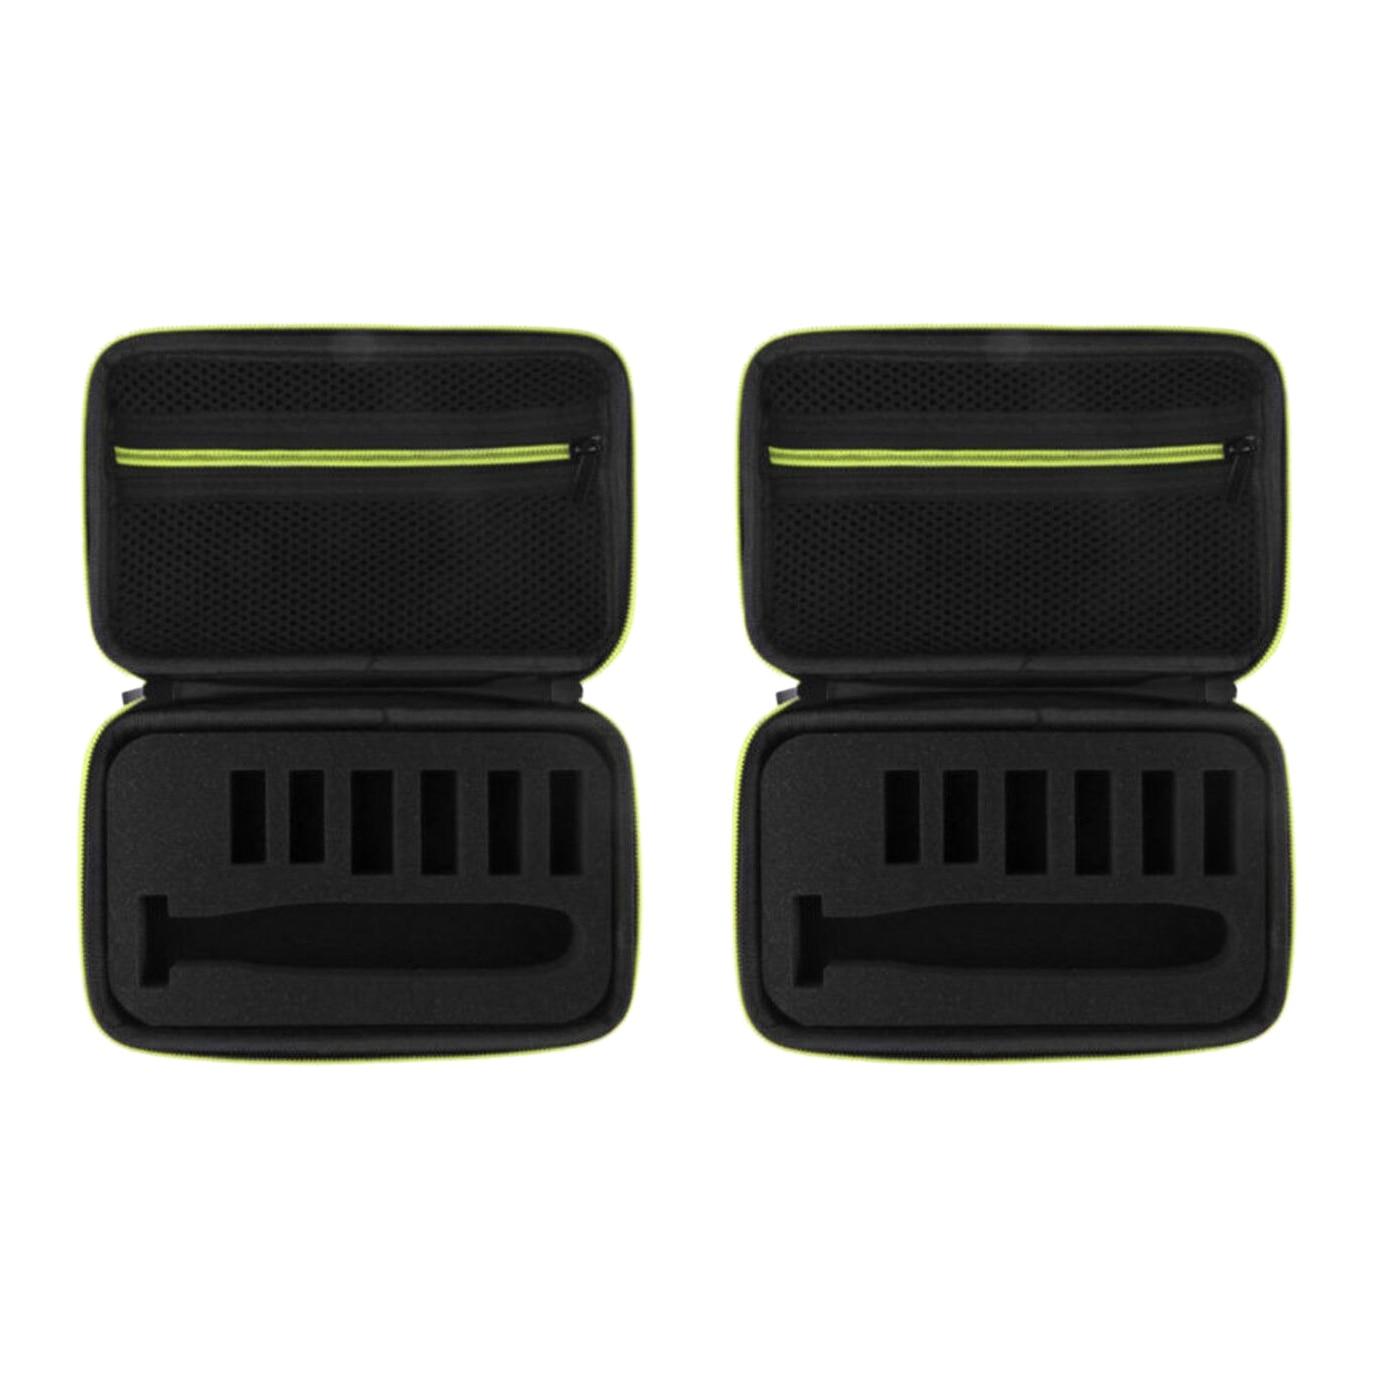 2 pçs caixa de barbear elétrica eva caso duro trimmer shaver bolsa organizador saco transporte para uma lâmina